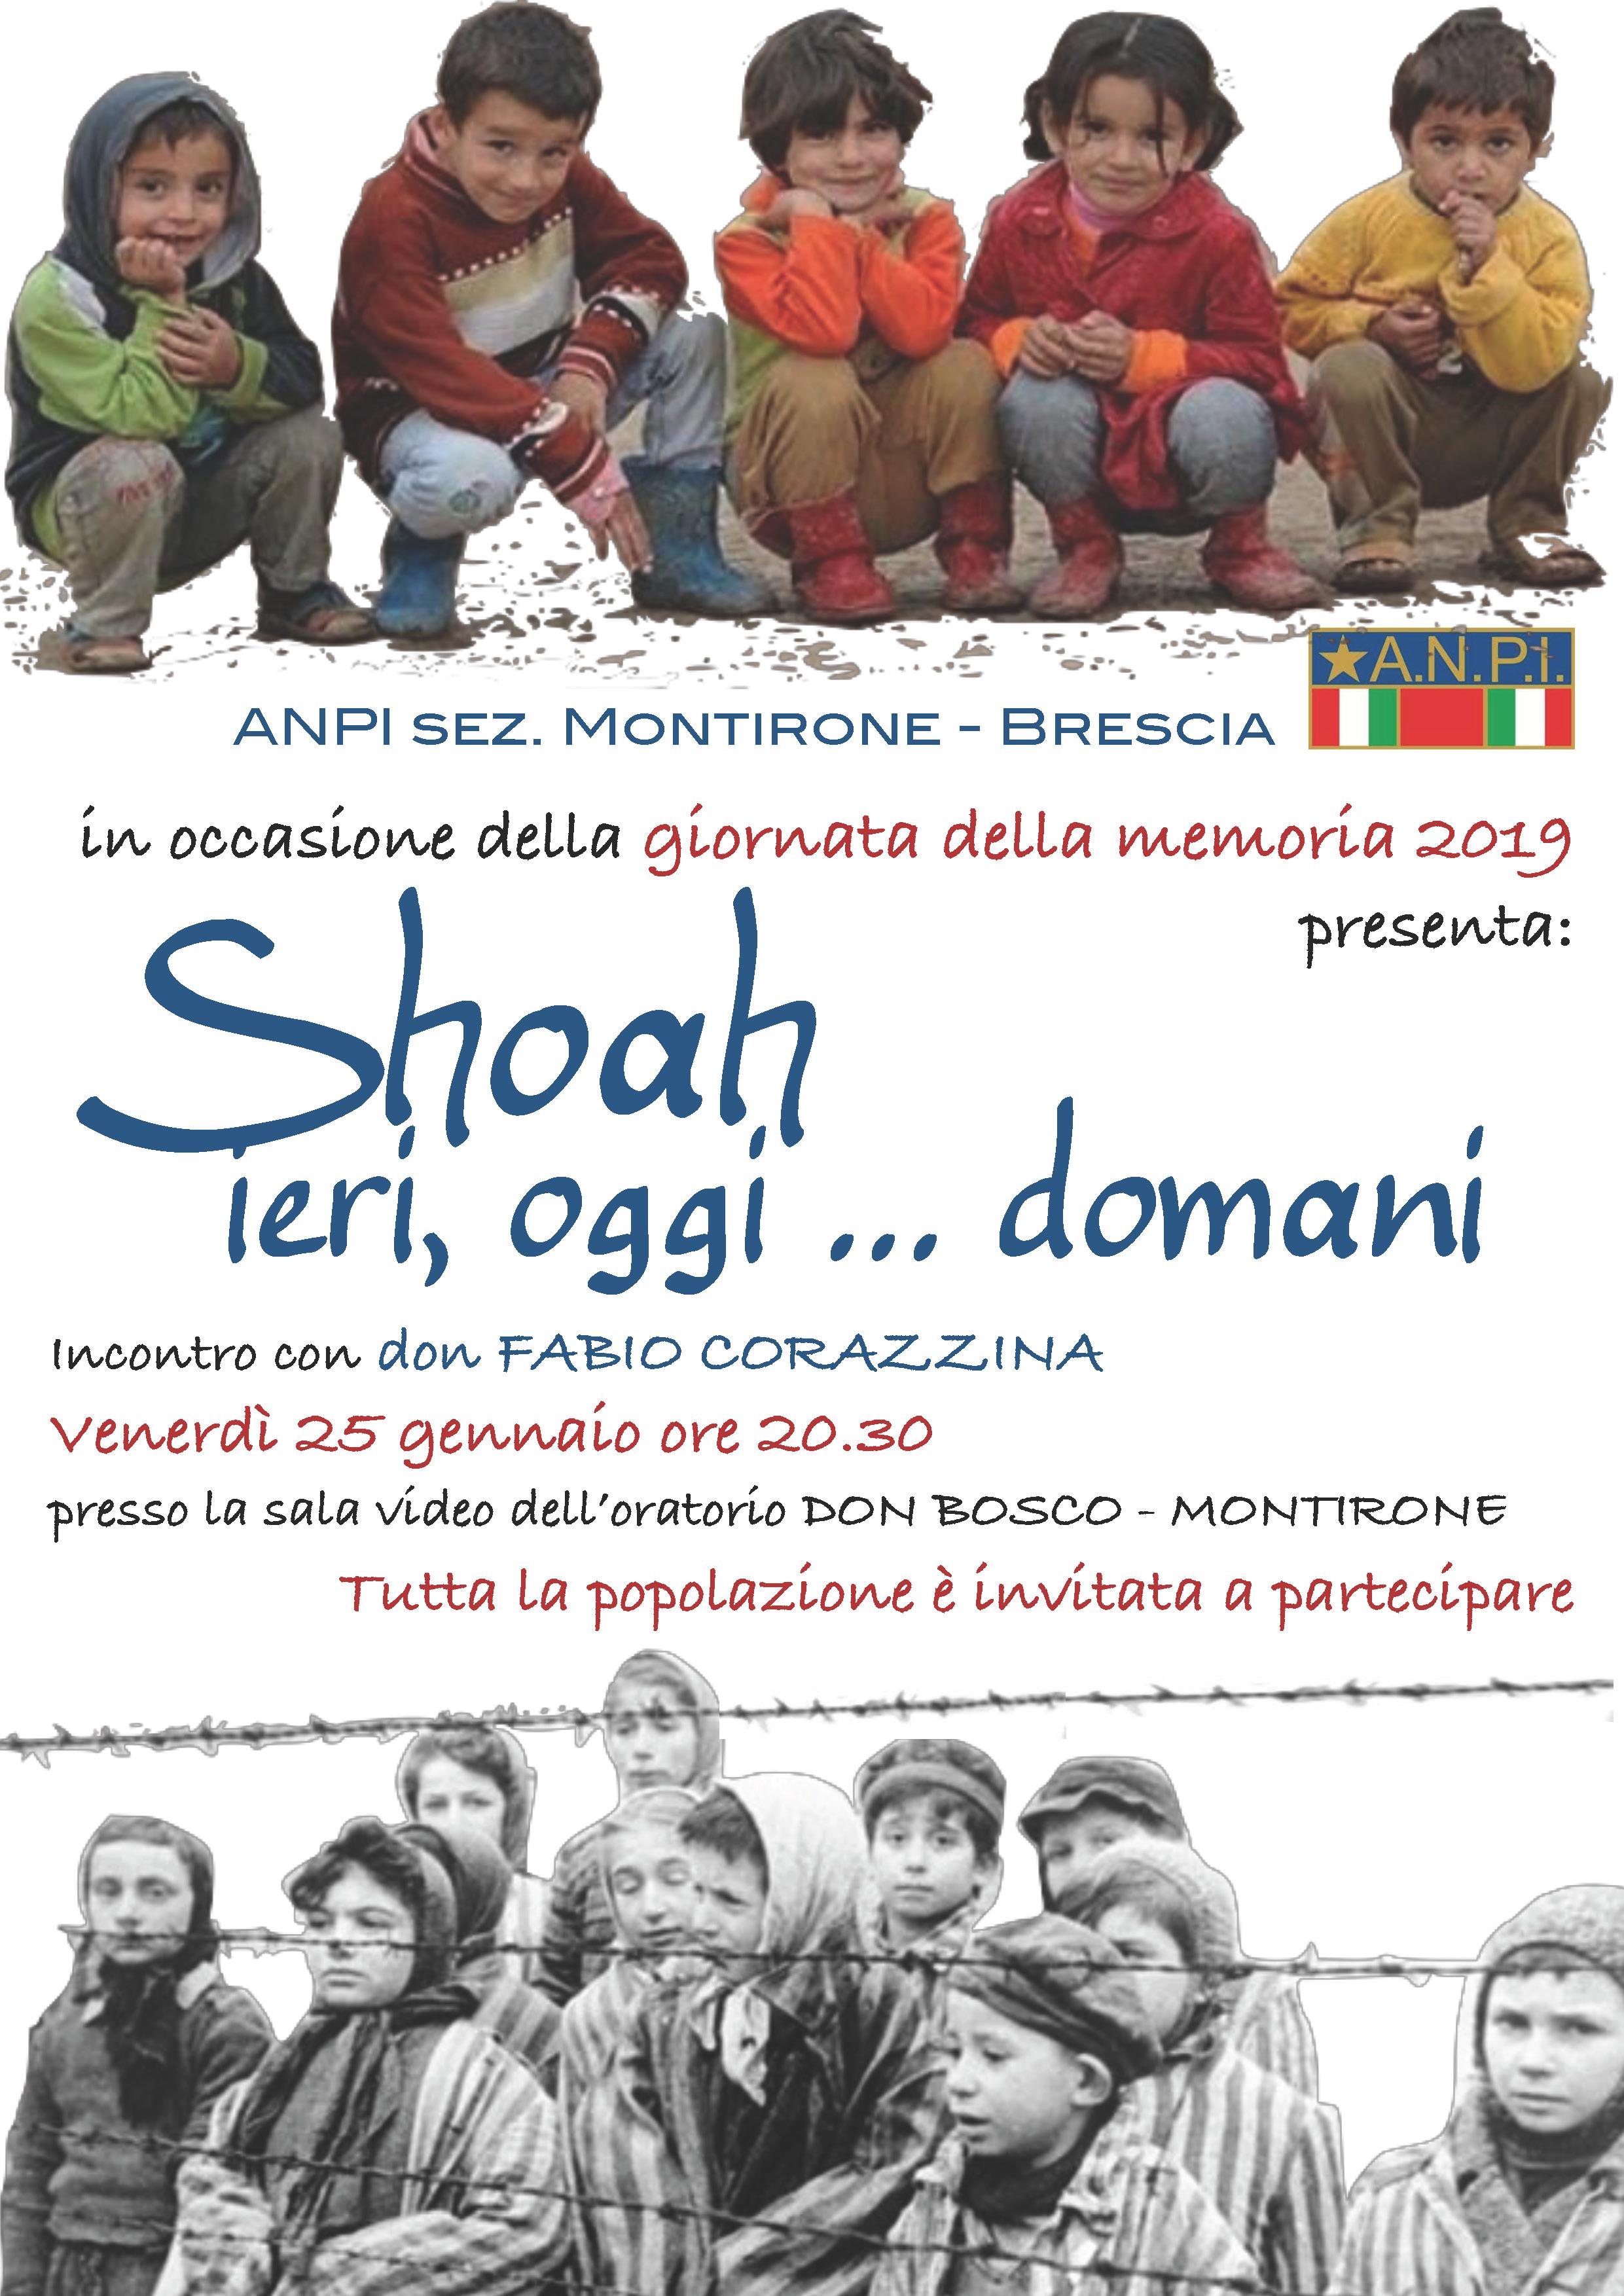 Anpi Montirone 25 gen2019